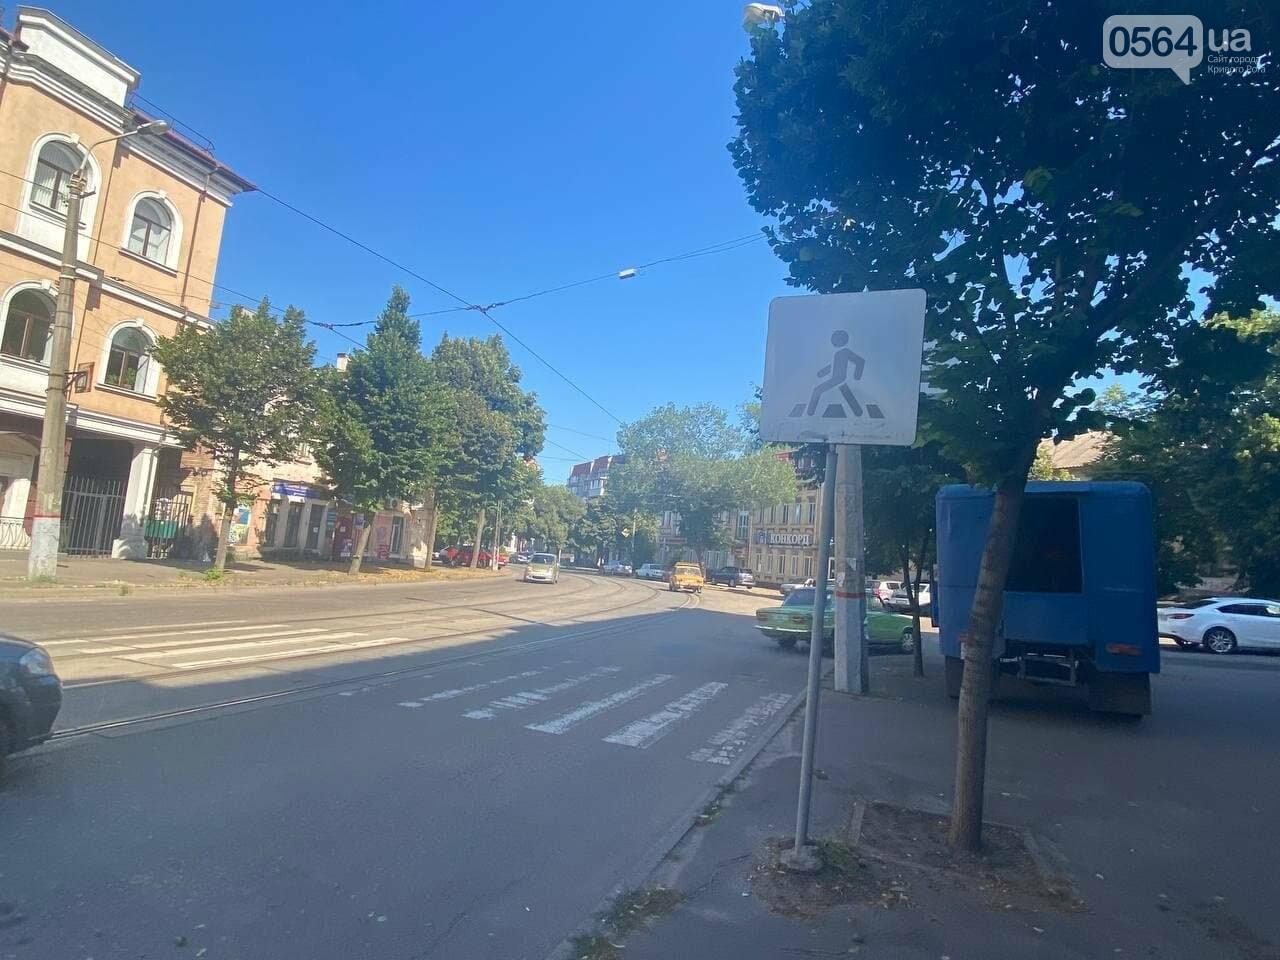 В Кривом Роге обновляют пешеходный переход, - ФОТО , фото-9